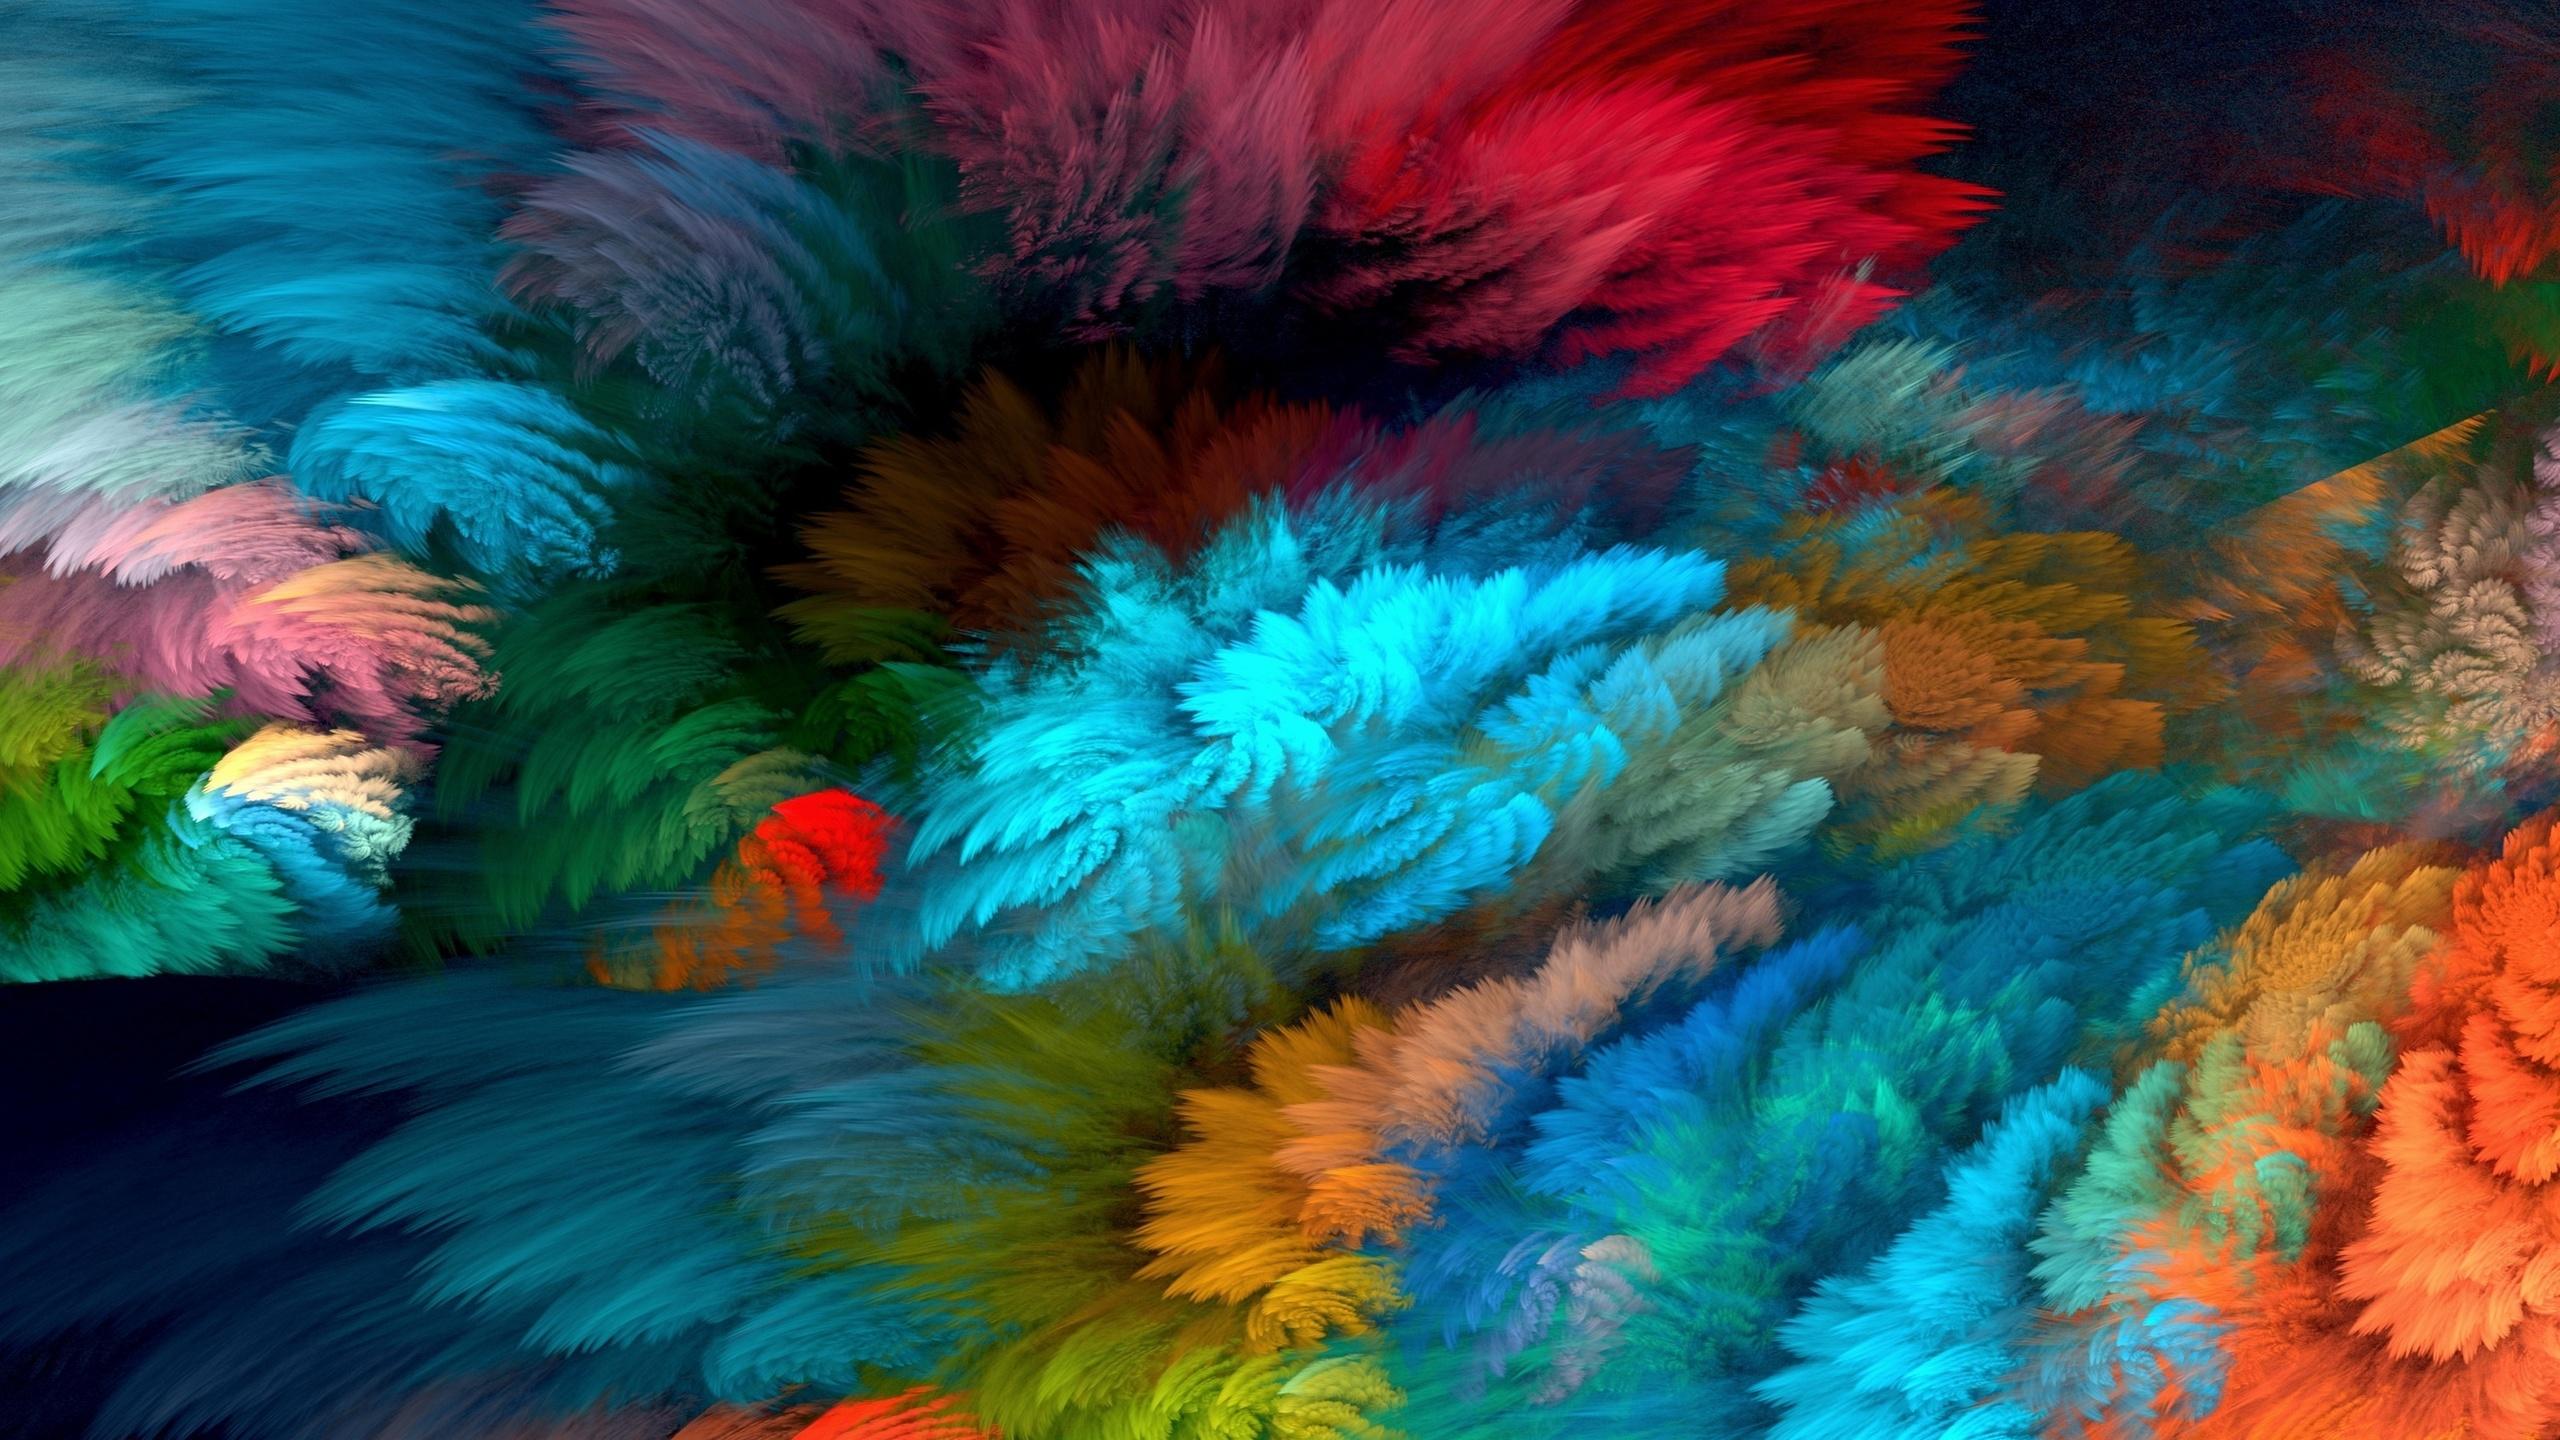 картинки буйство цвета давно готов уж